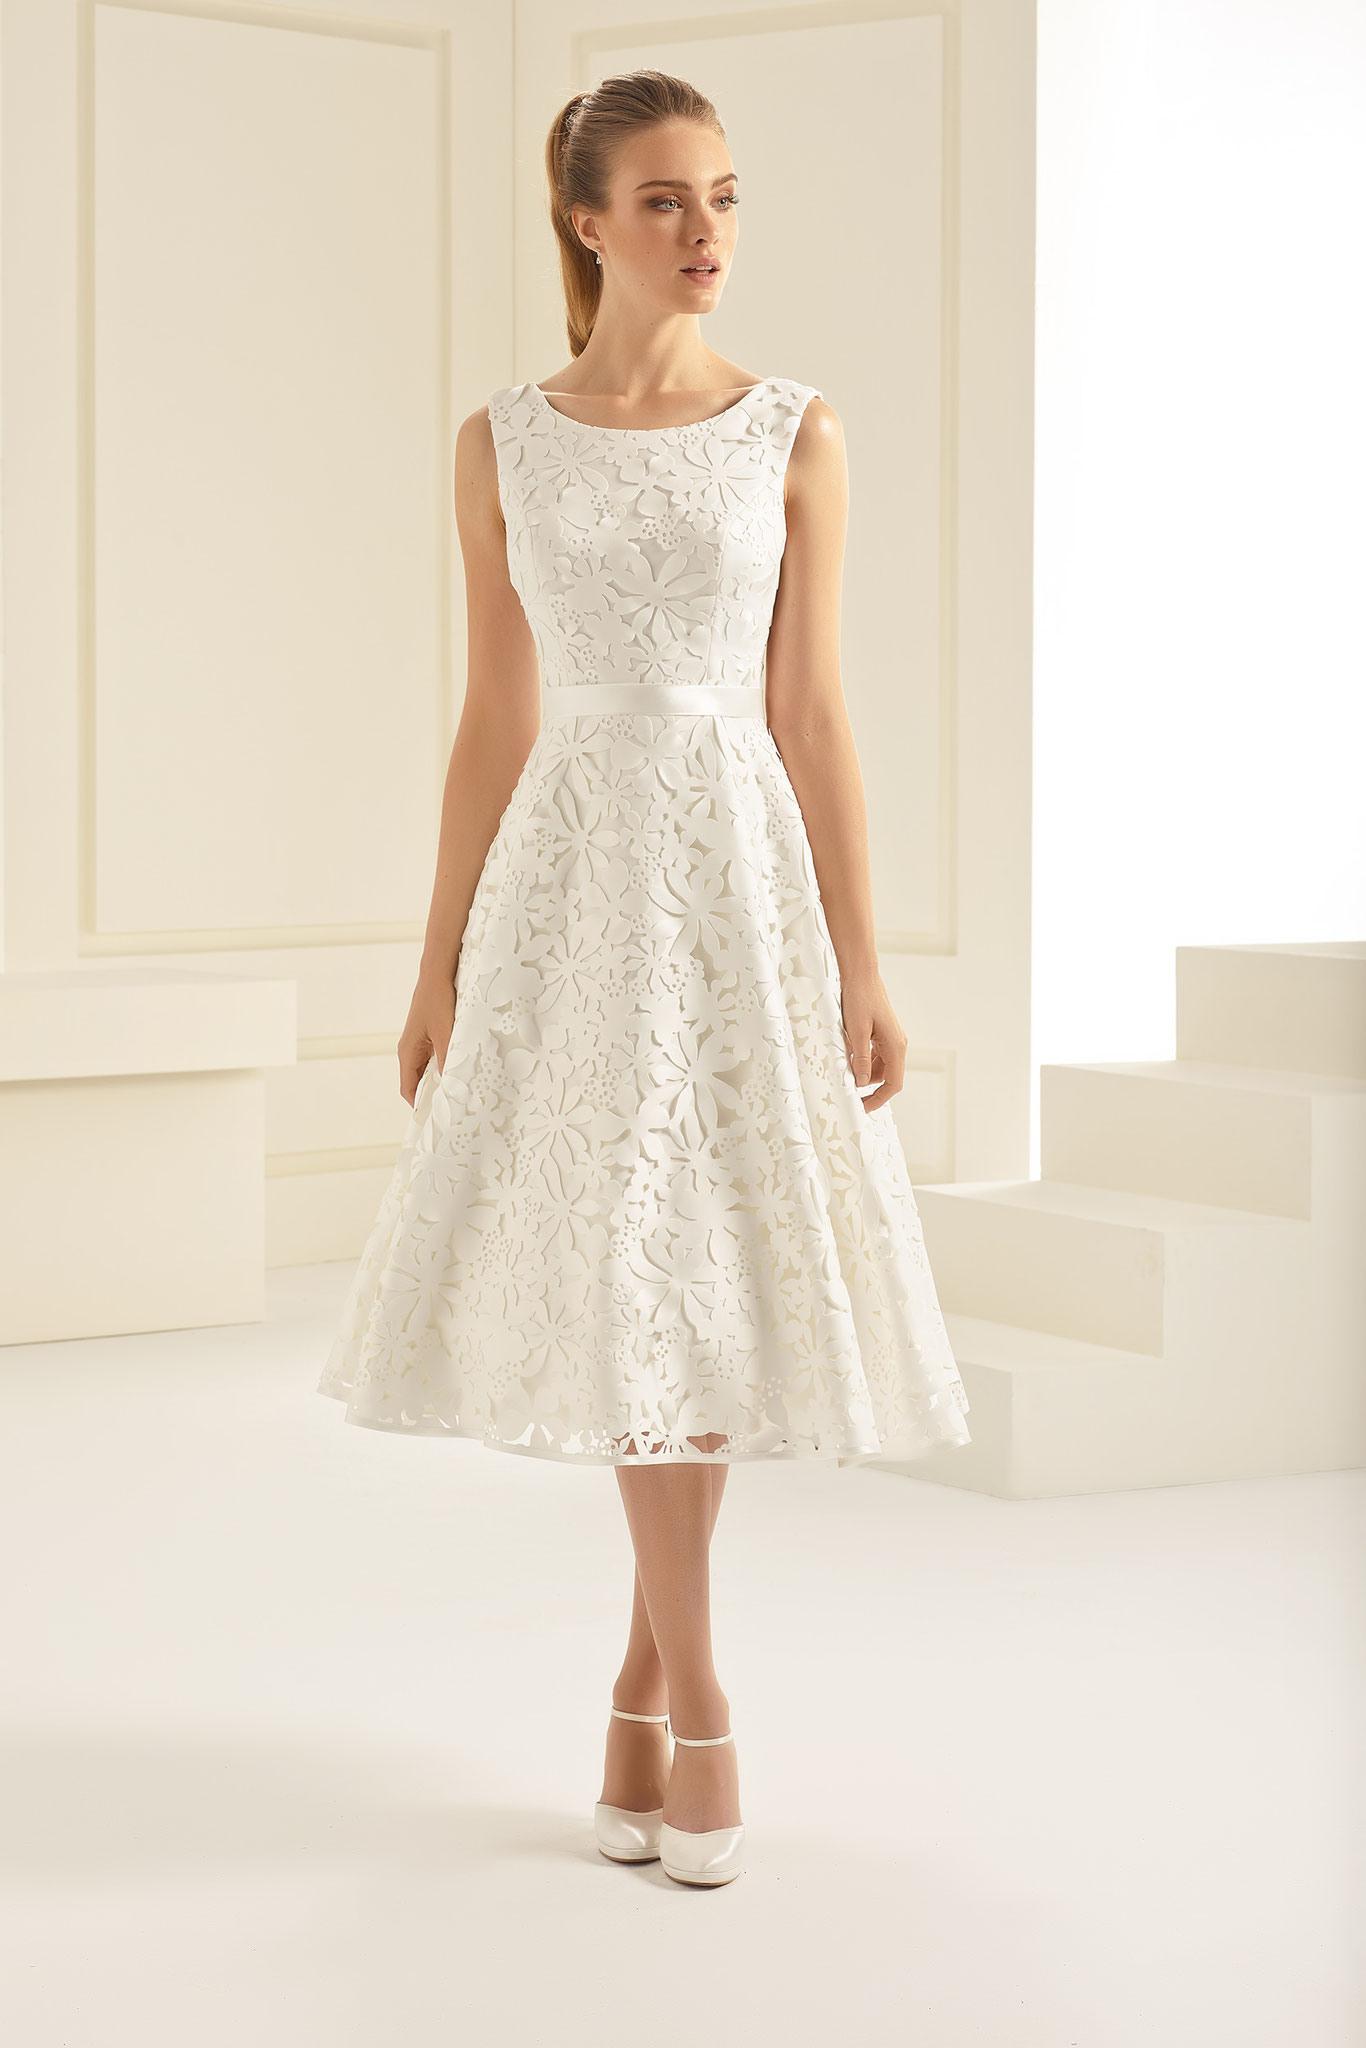 Designer Luxus Kleider Standesamt Bester Preis20 Cool Kleider Standesamt Ärmel